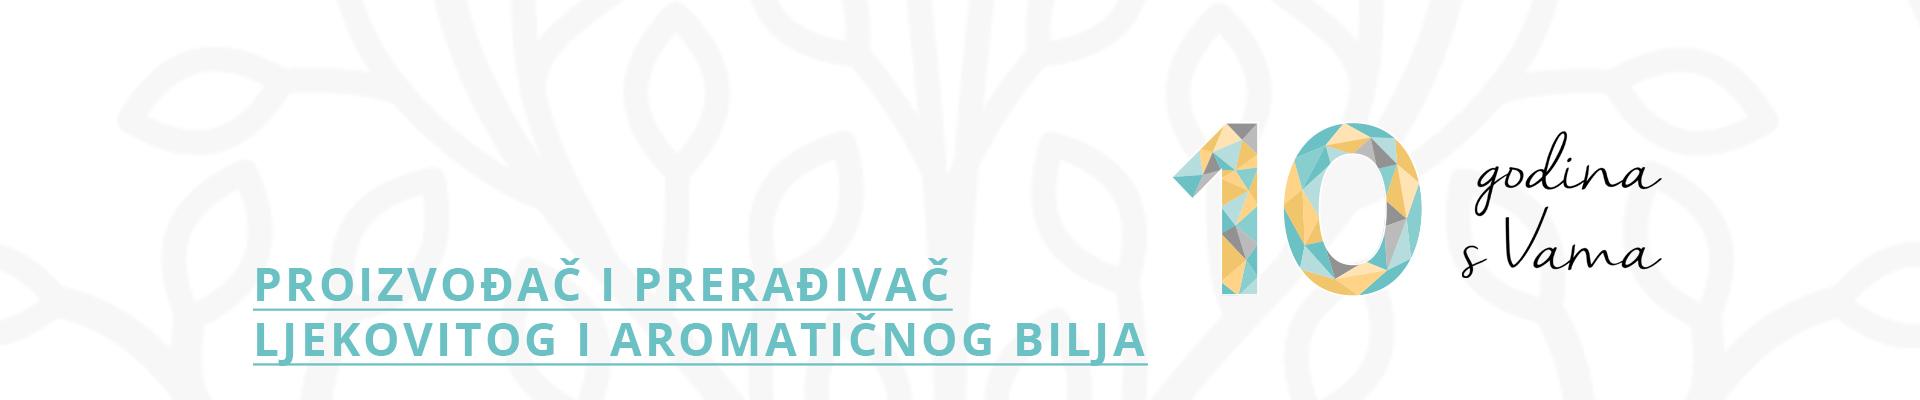 Ustanova Magistra Proizvođač i Prerađivač Ljekovitog i Aromatičnog Bilja